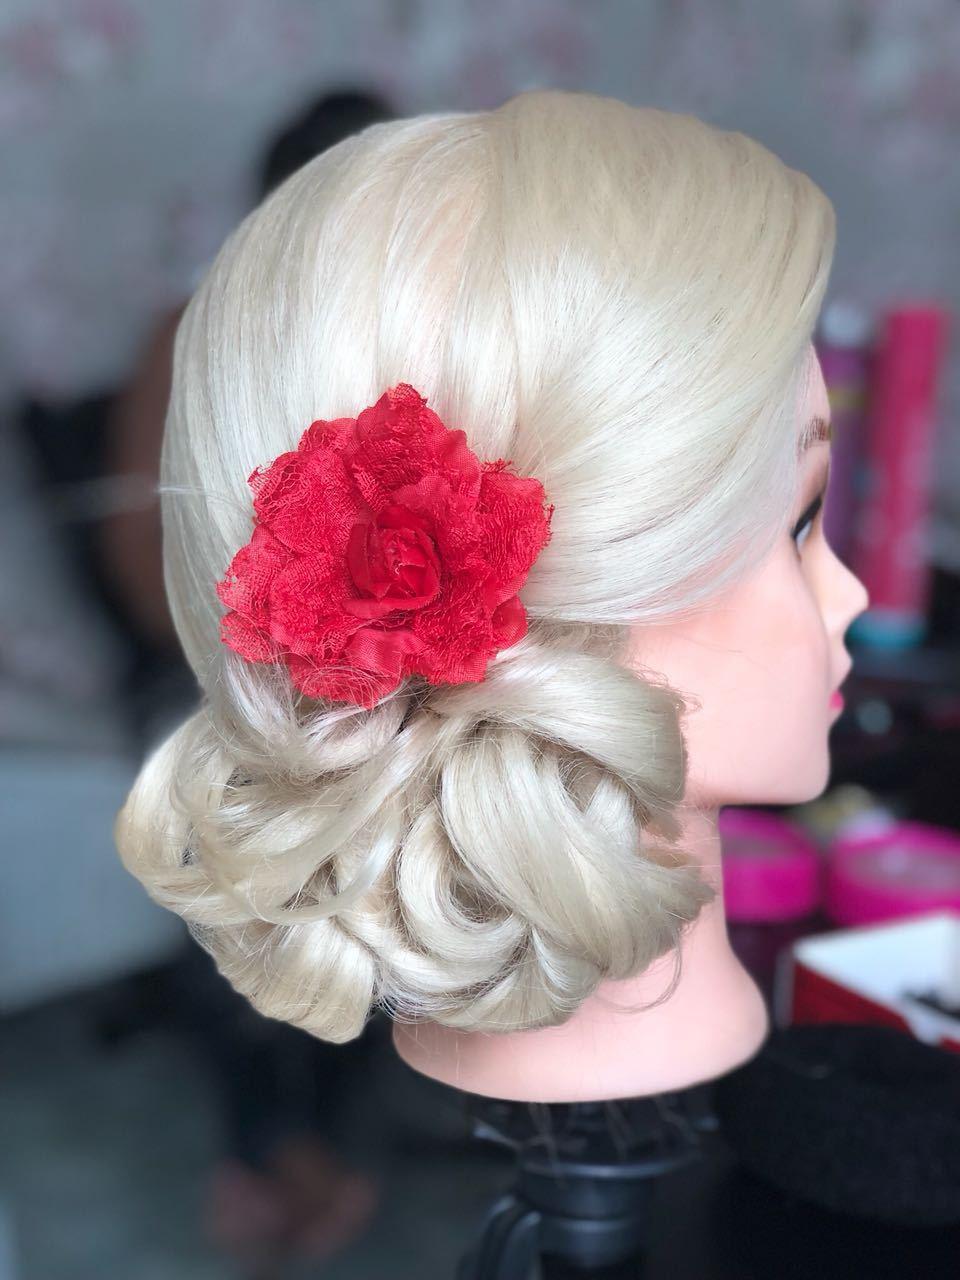 Coque de lado. #madrinhas cabelo cabeleireiro(a) maquiador(a)